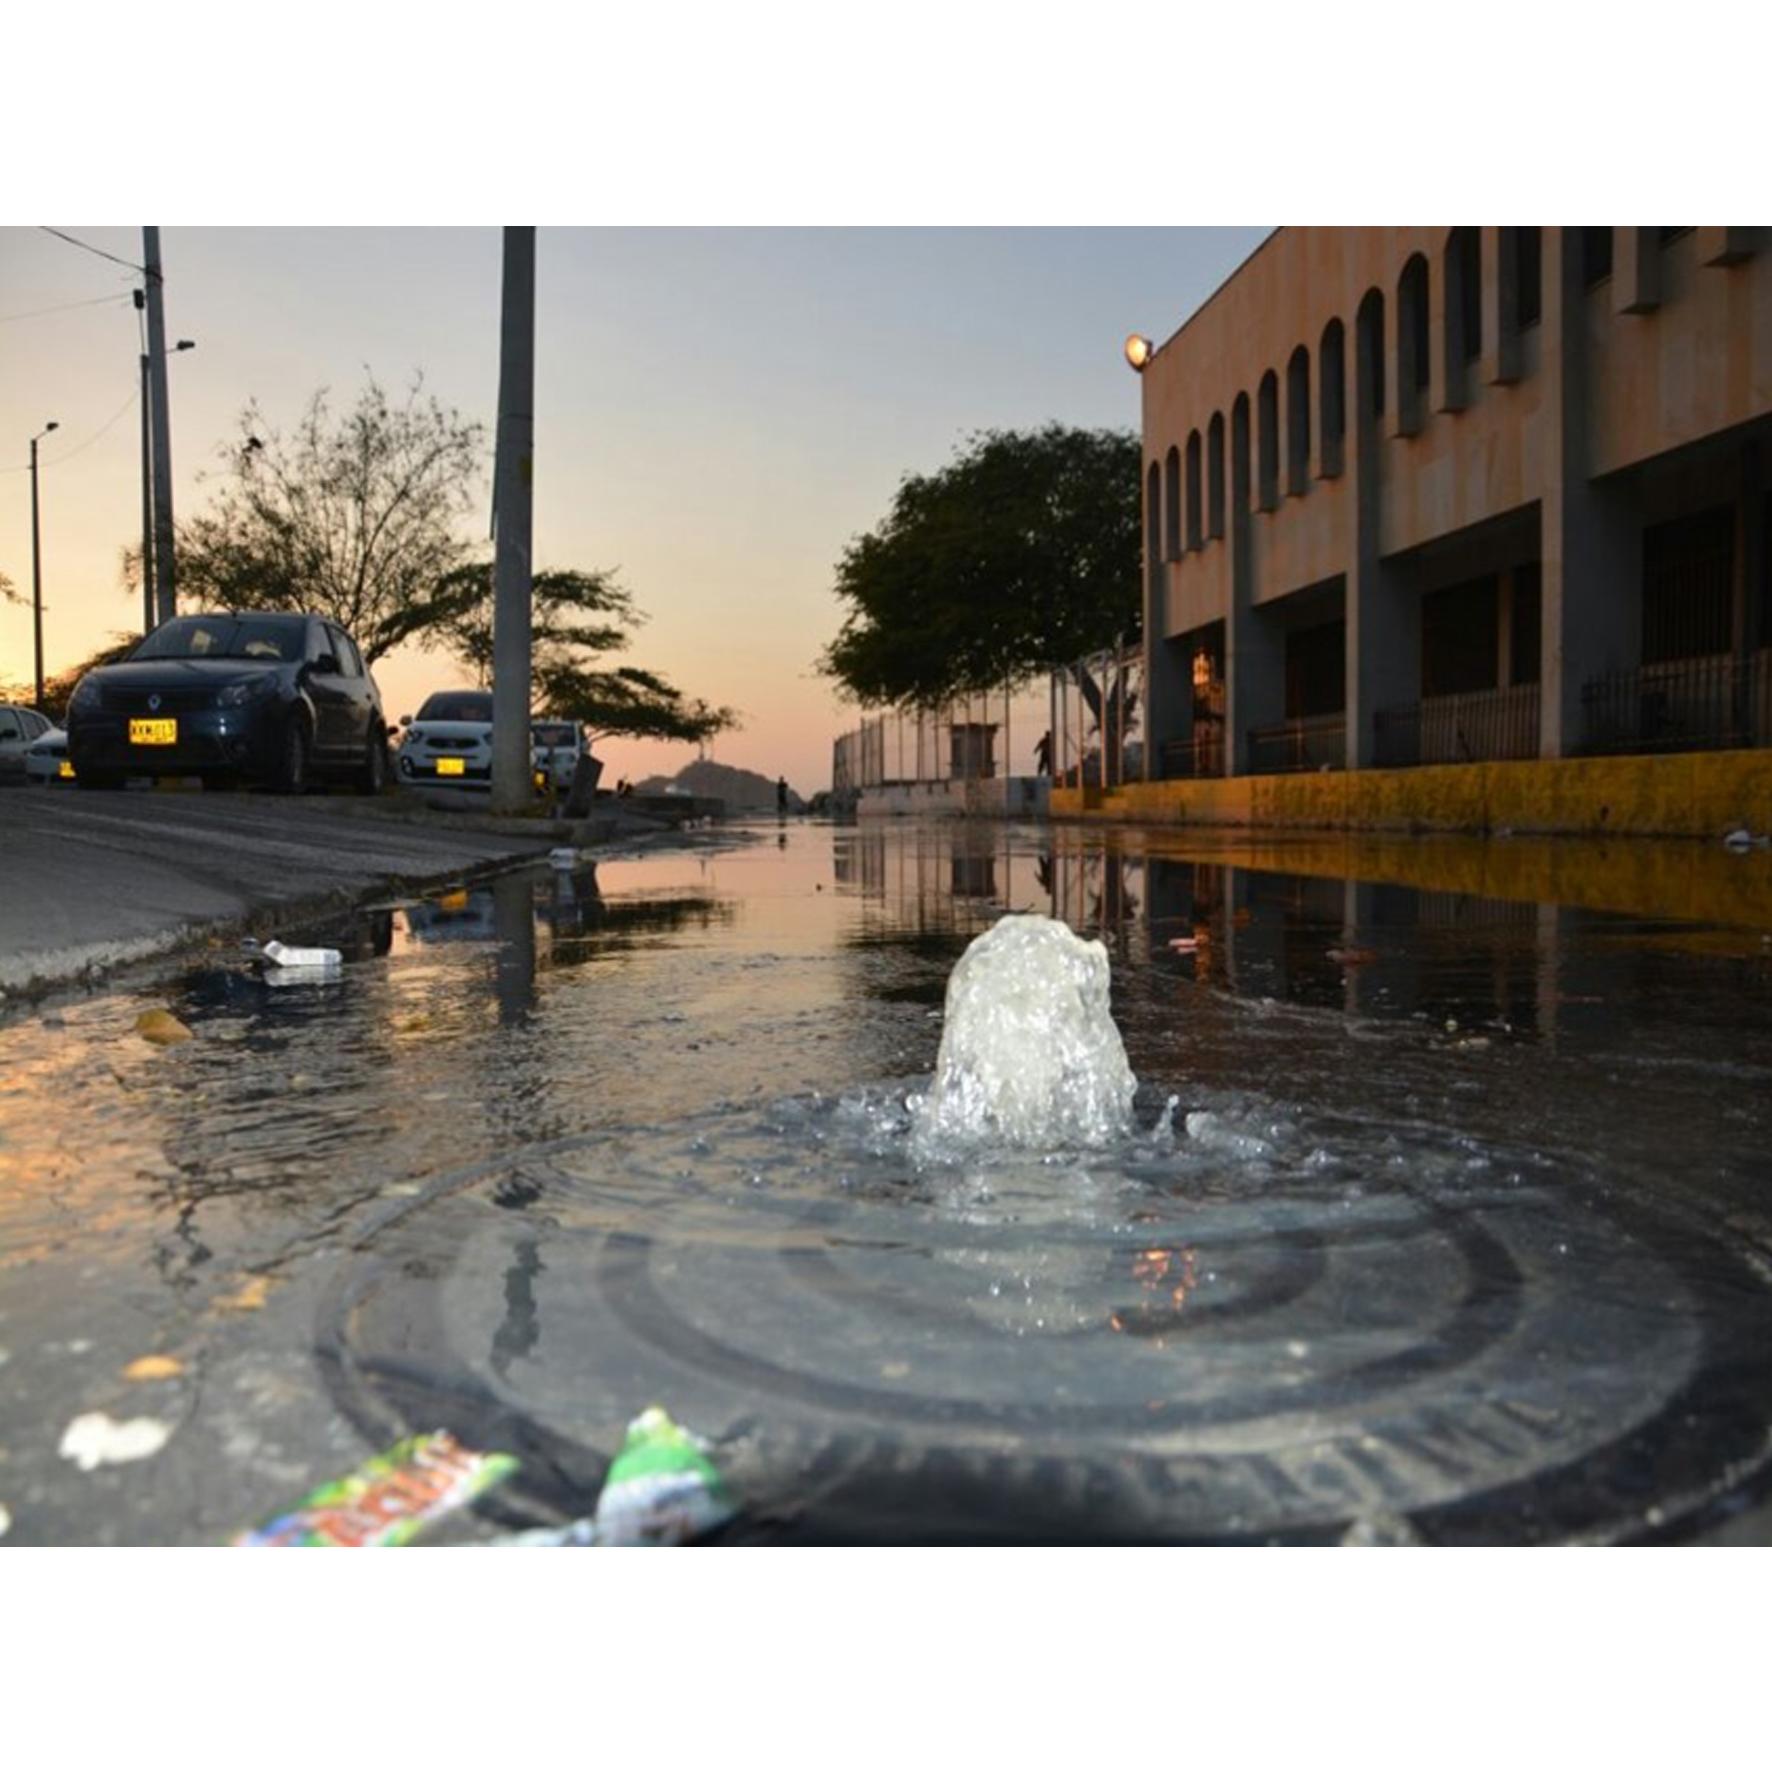 vivir-agua_agua3_11238587